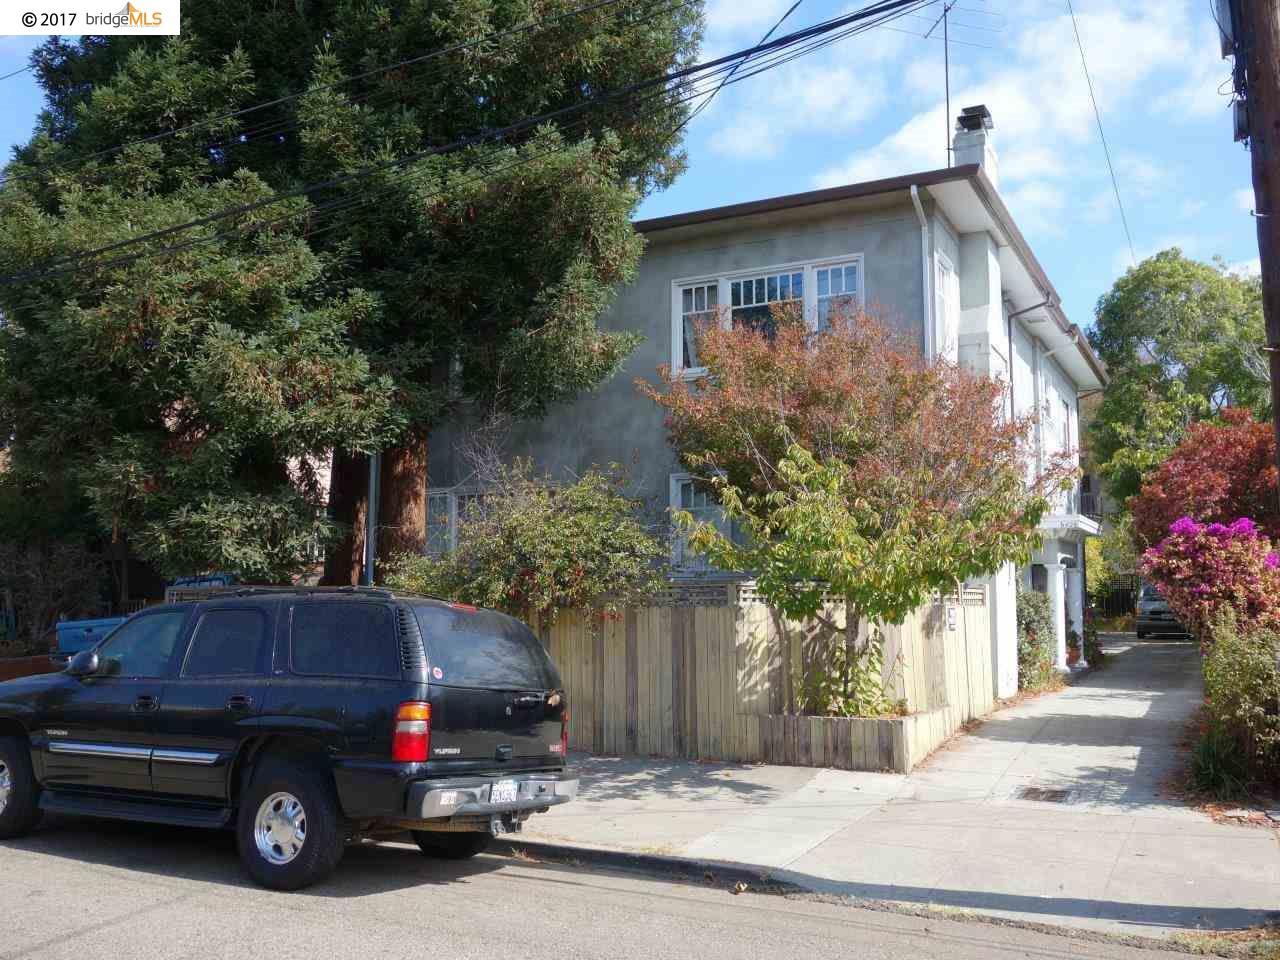 Condominium for Sale at 6426 Benvenue Avenue 6426 Benvenue Avenue Oakland, California 94618 United States